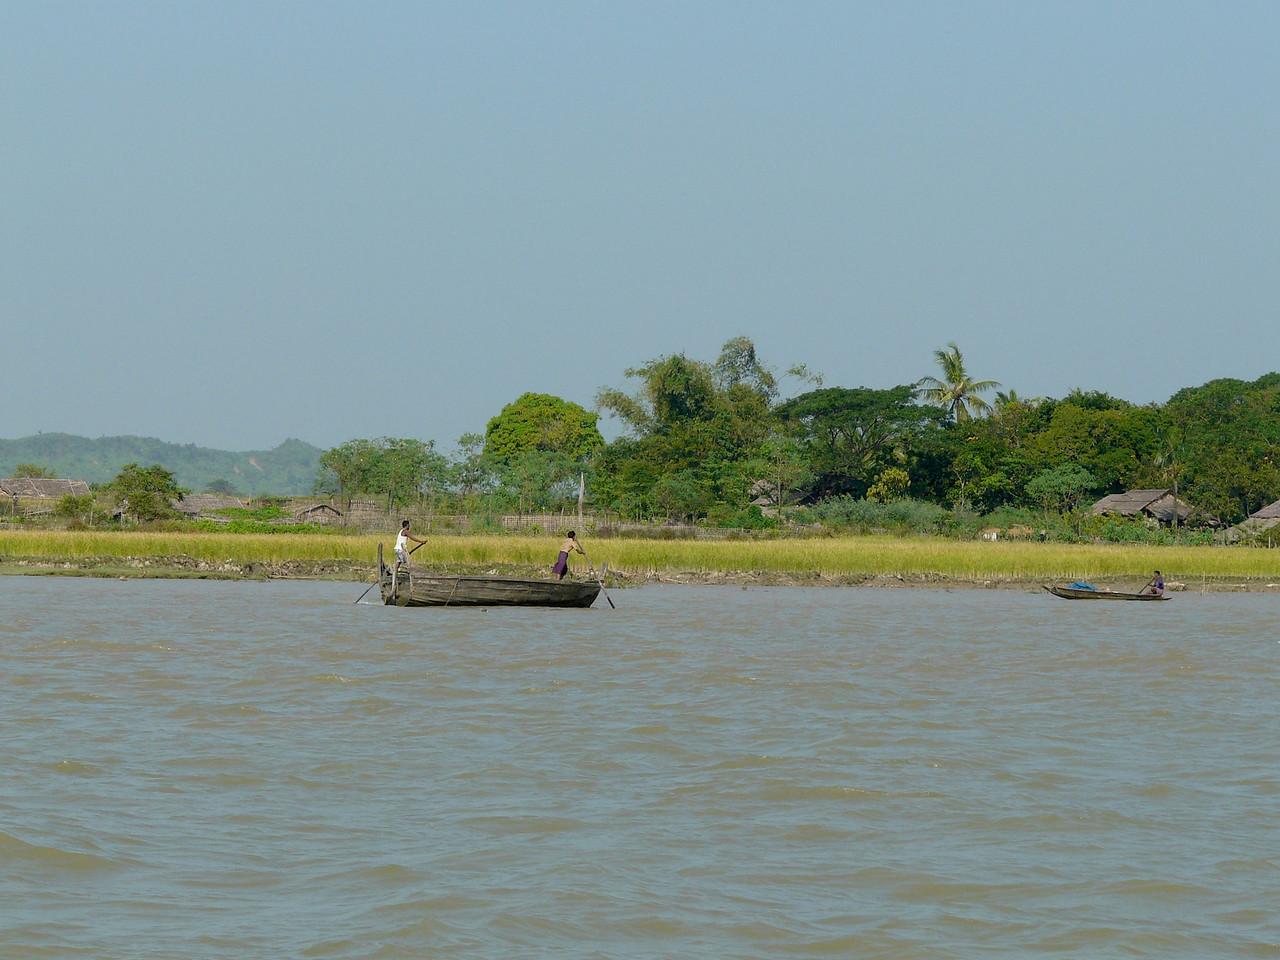 Sittwe-Mrauk-U boat 2011 - 024